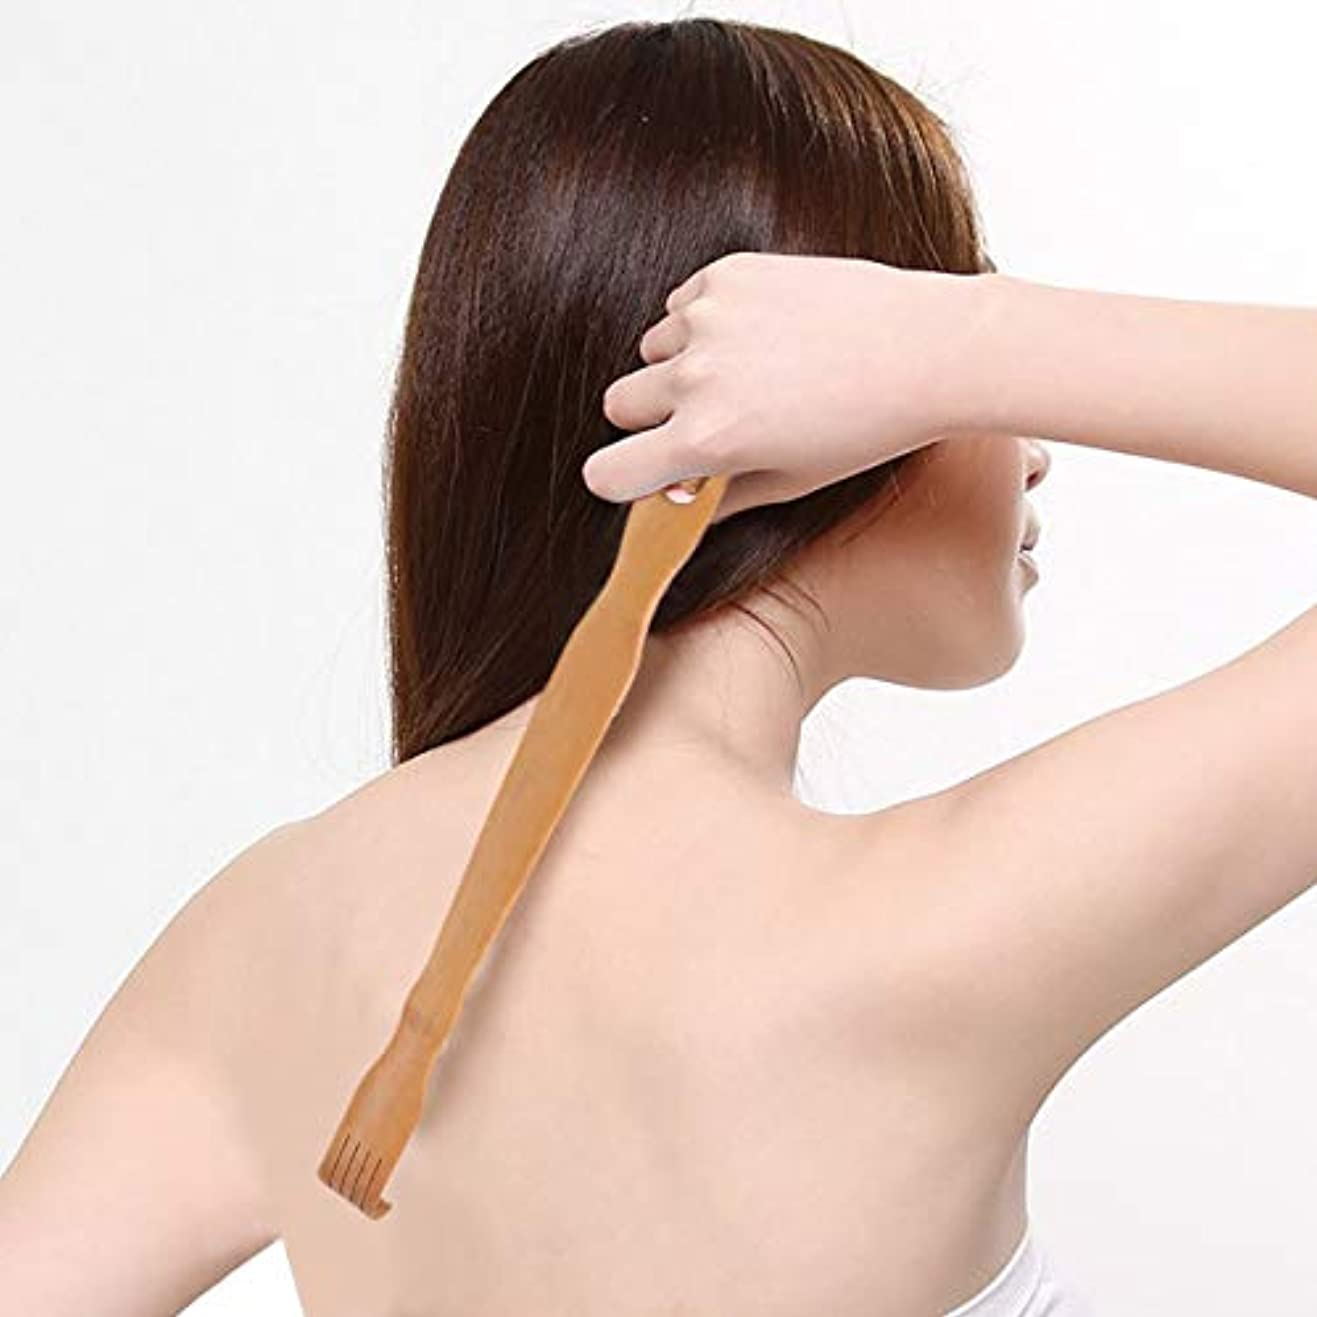 デザートコンパス詩実用的なデザイン天然木竹ボディマッサージバック男と女のボディスティックダブルロールバックマッサージ